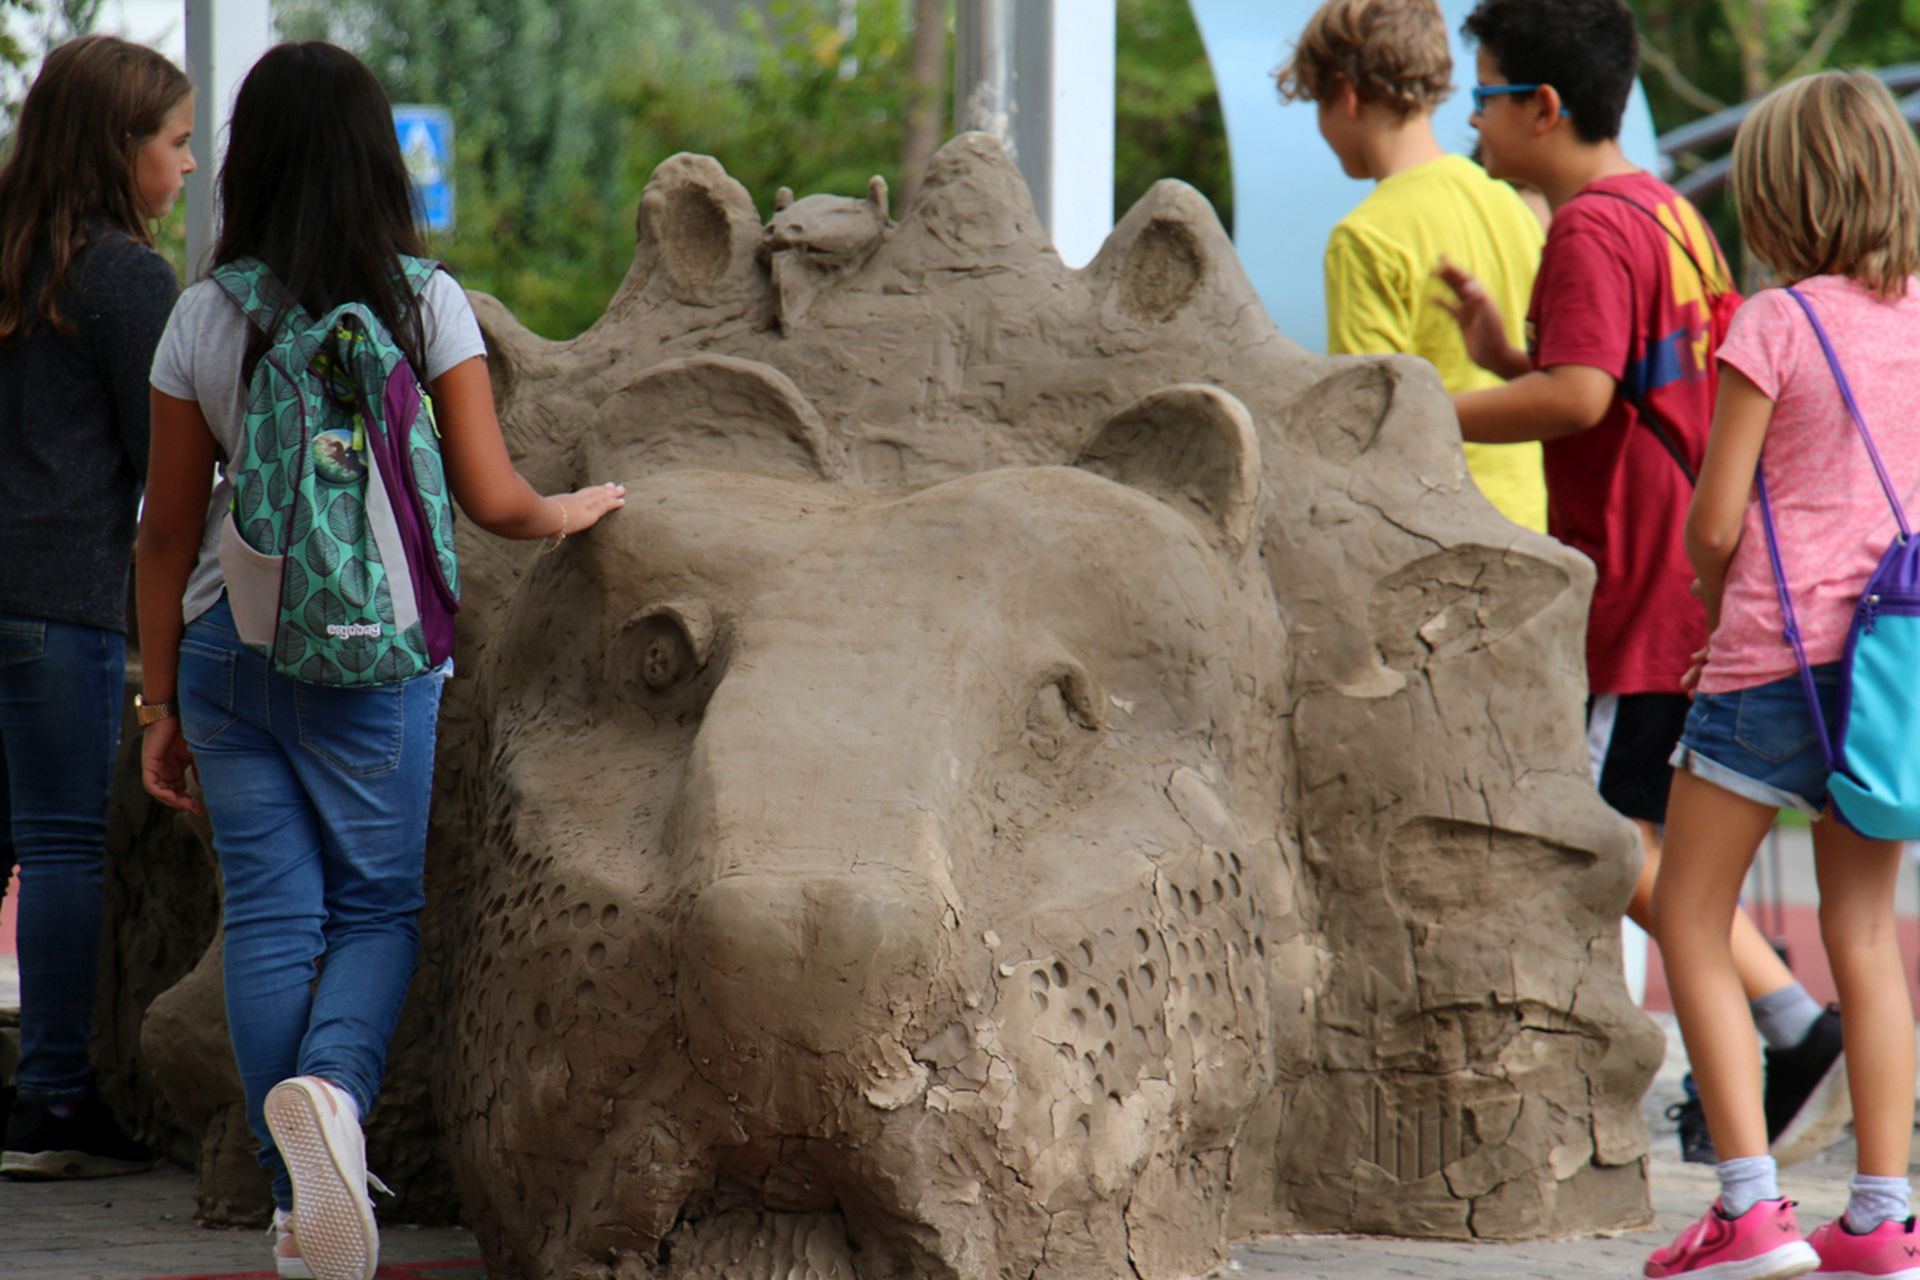 Kinder arbeiten an einem überlebensgrossen Löwen aus Lehm